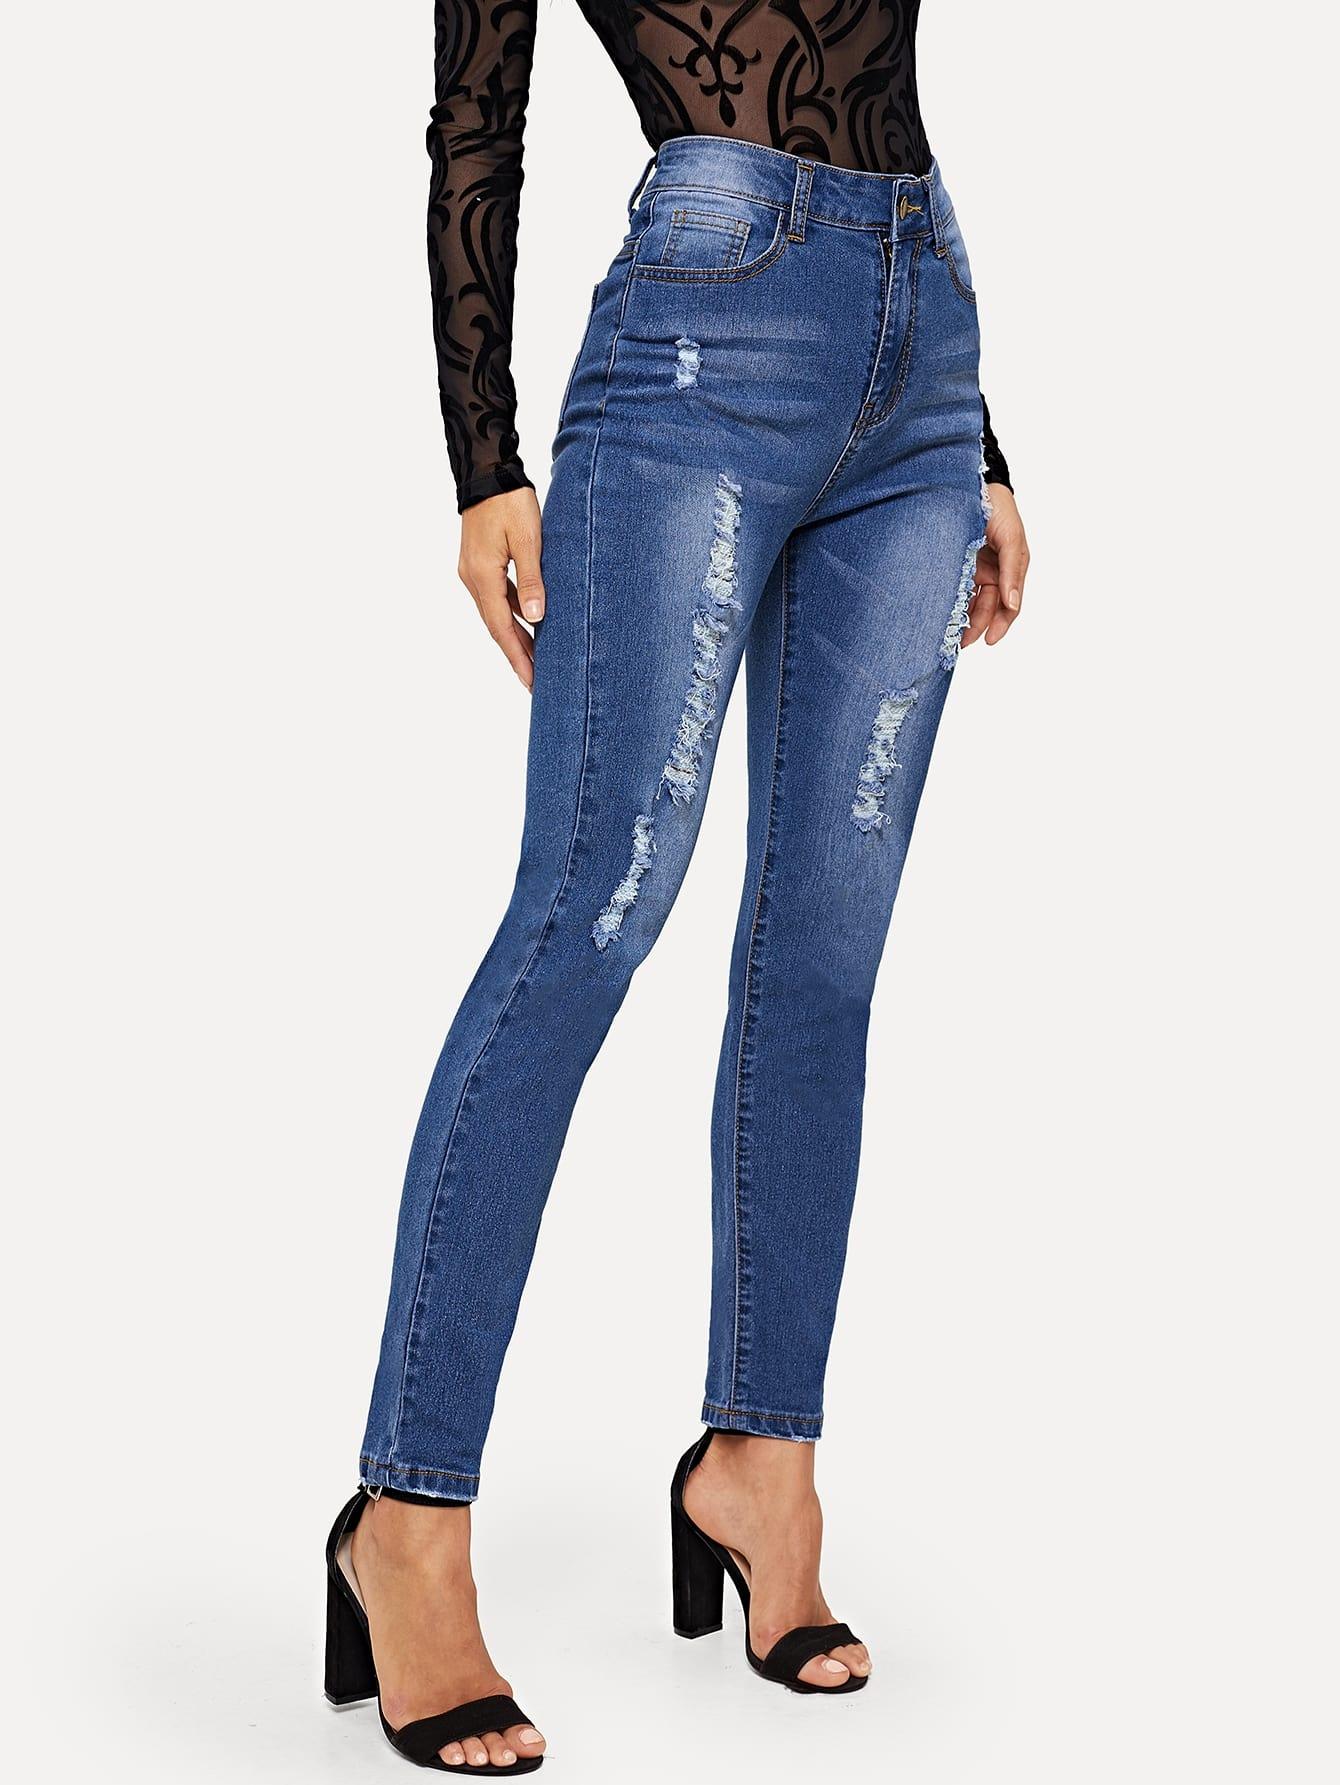 Купить Однотонные рваные обтягивающие джинсы, Juliana, SheIn